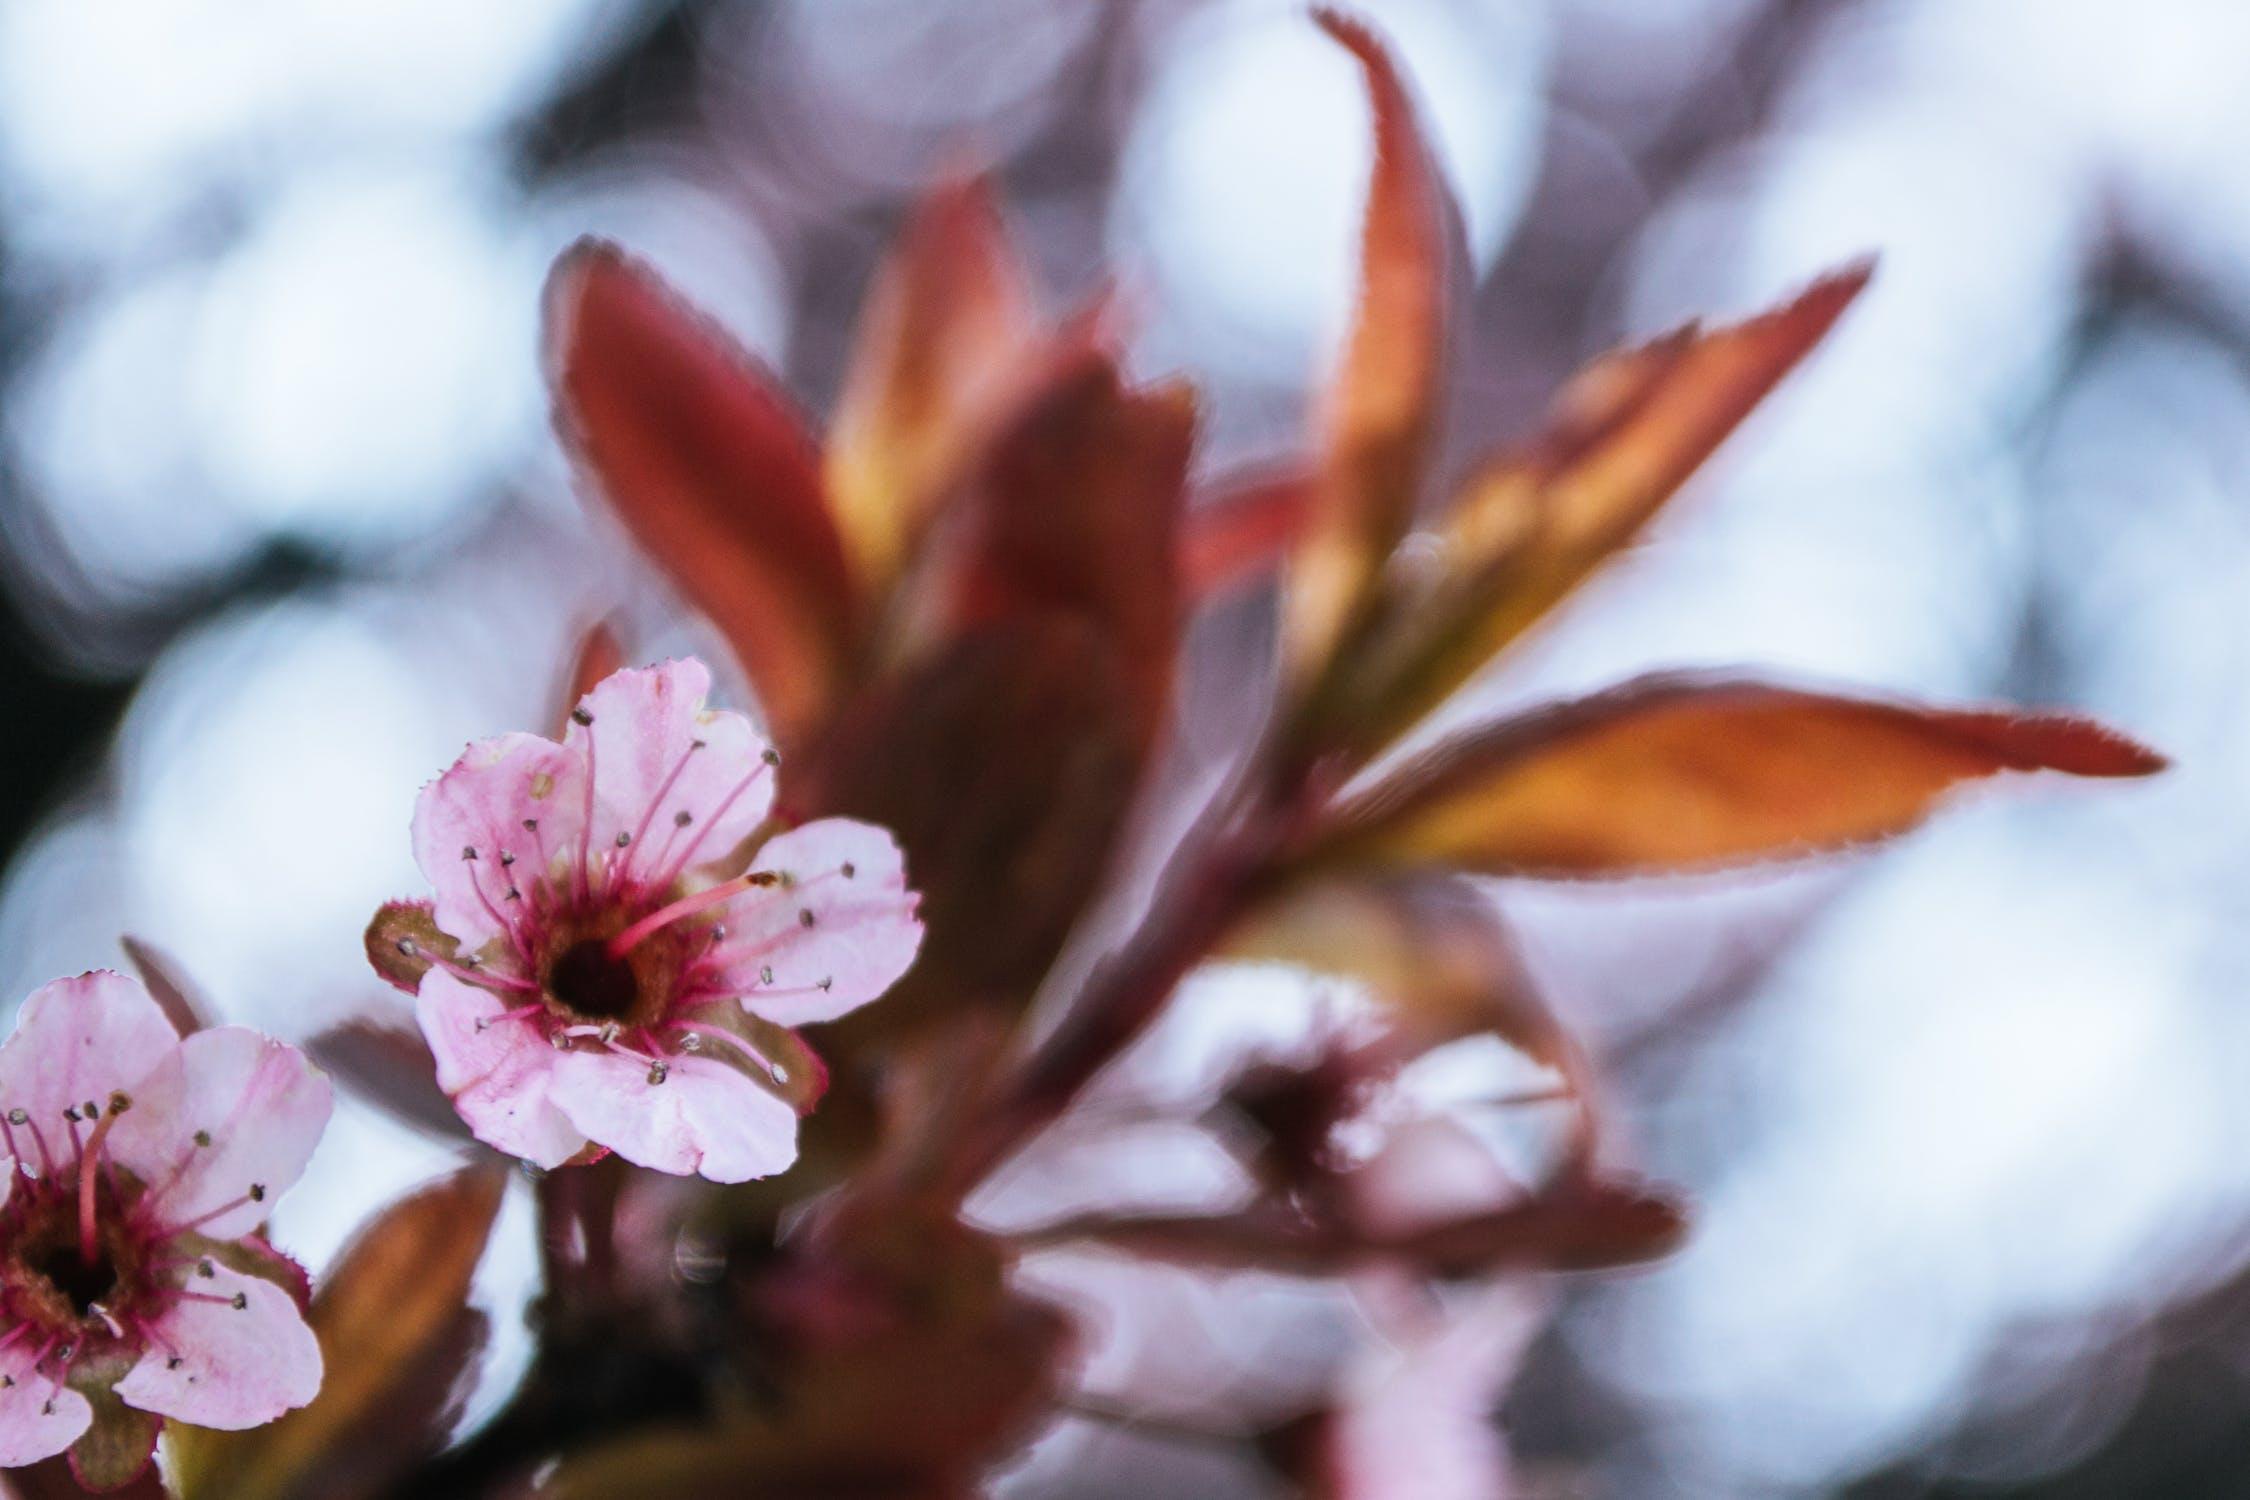 Apple leaf, Apple leaf